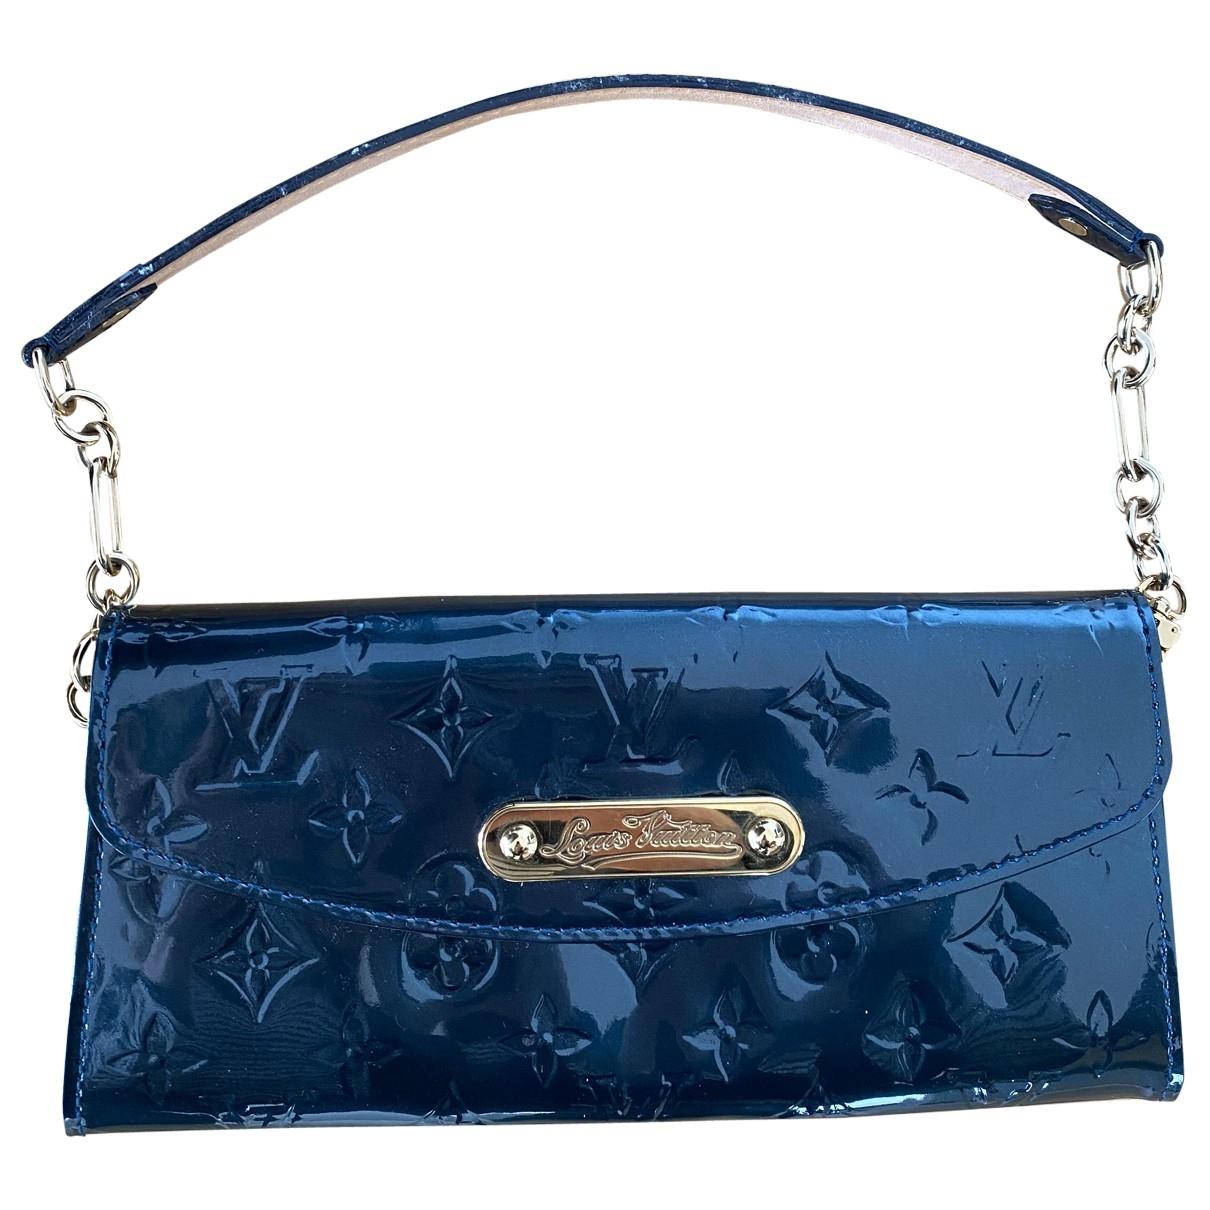 Louis Vuitton - Pochette   pour femme en cuir verni - bleu